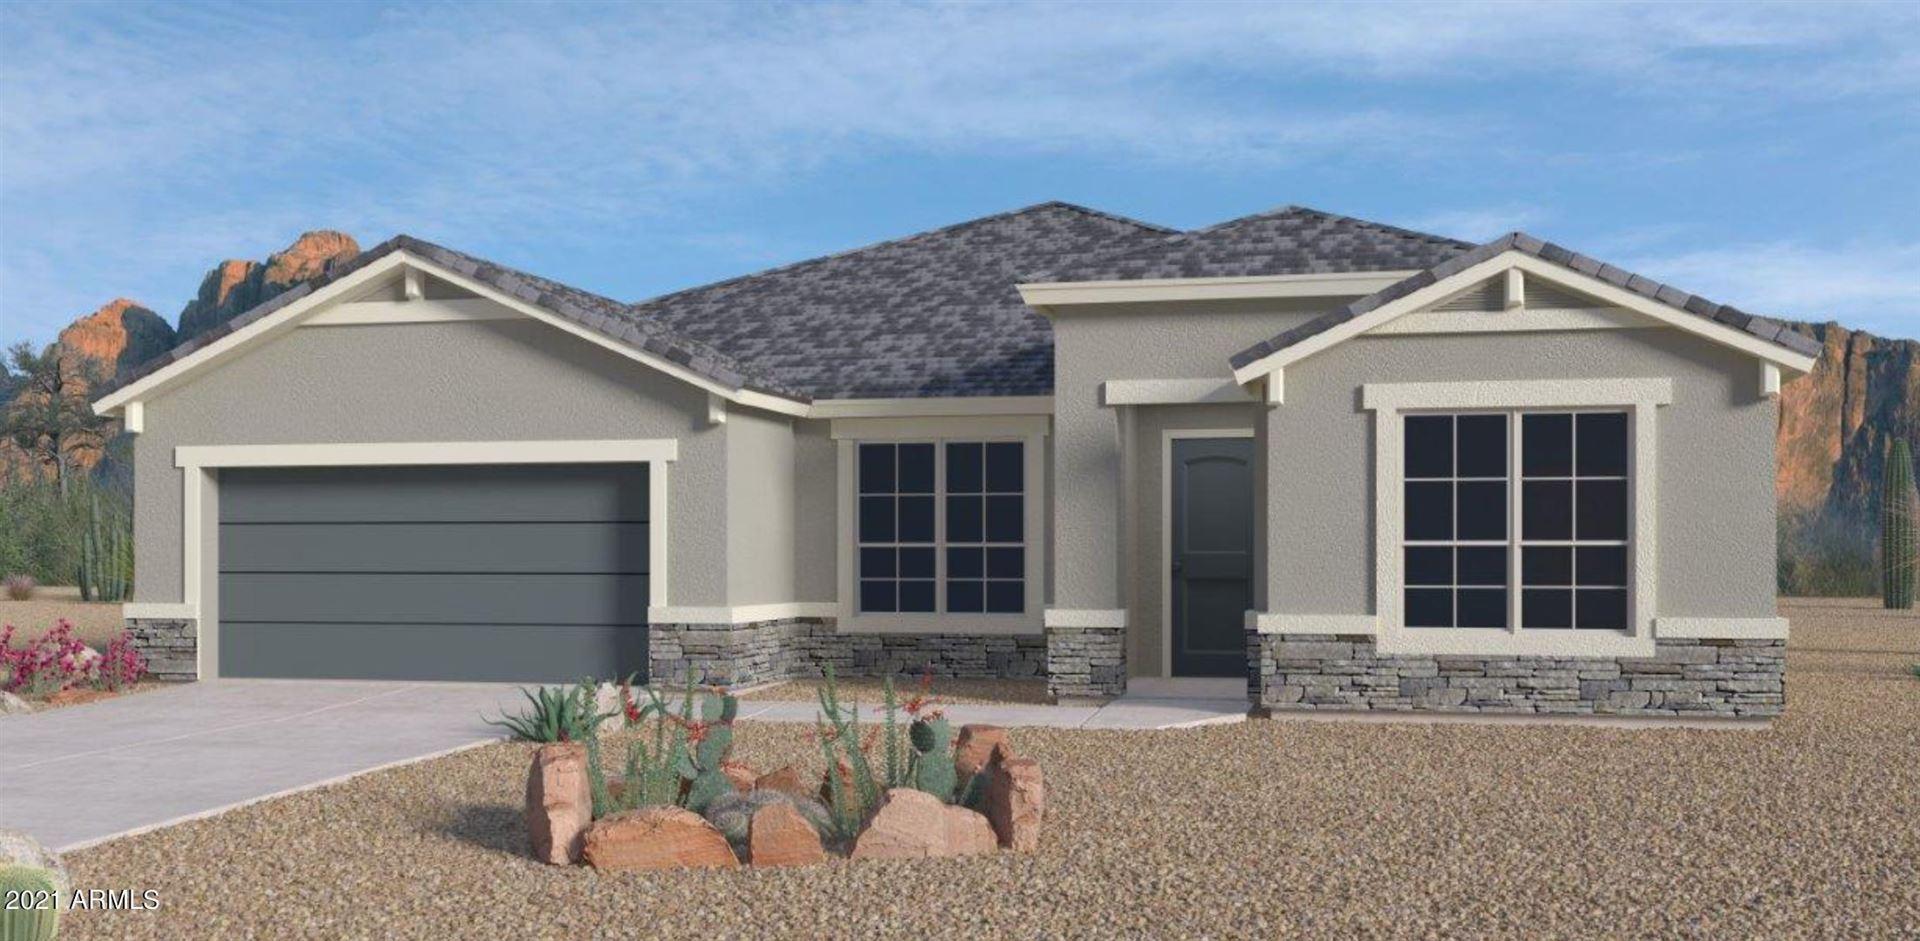 Photo for 44476 W PALO AMARILLO Road, Maricopa, AZ 85138 (MLS # 6228645)